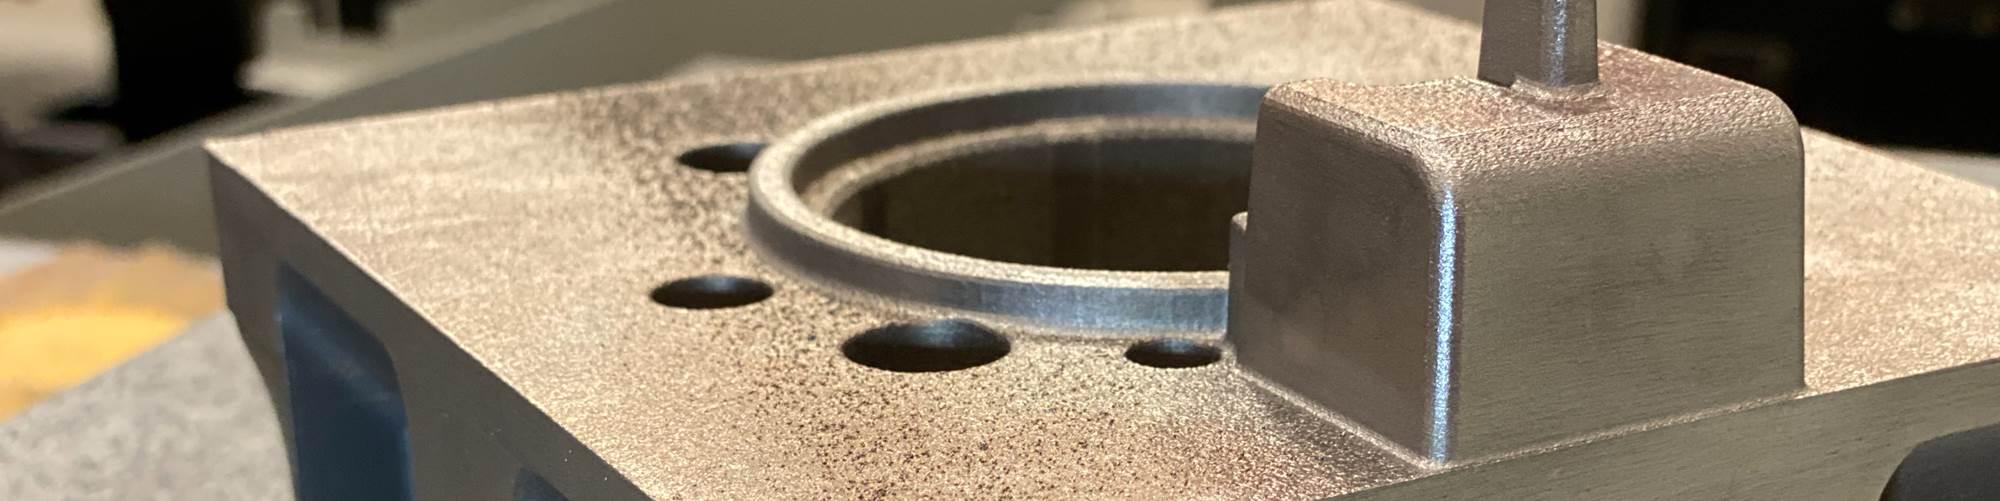 Inserto de molde aditivo diseñado con relieve para minimizar el mecanizado de acabado y el ensamblaje del molde. Crédito: Next Chapter Manufacturing –MoldMaking Technology.